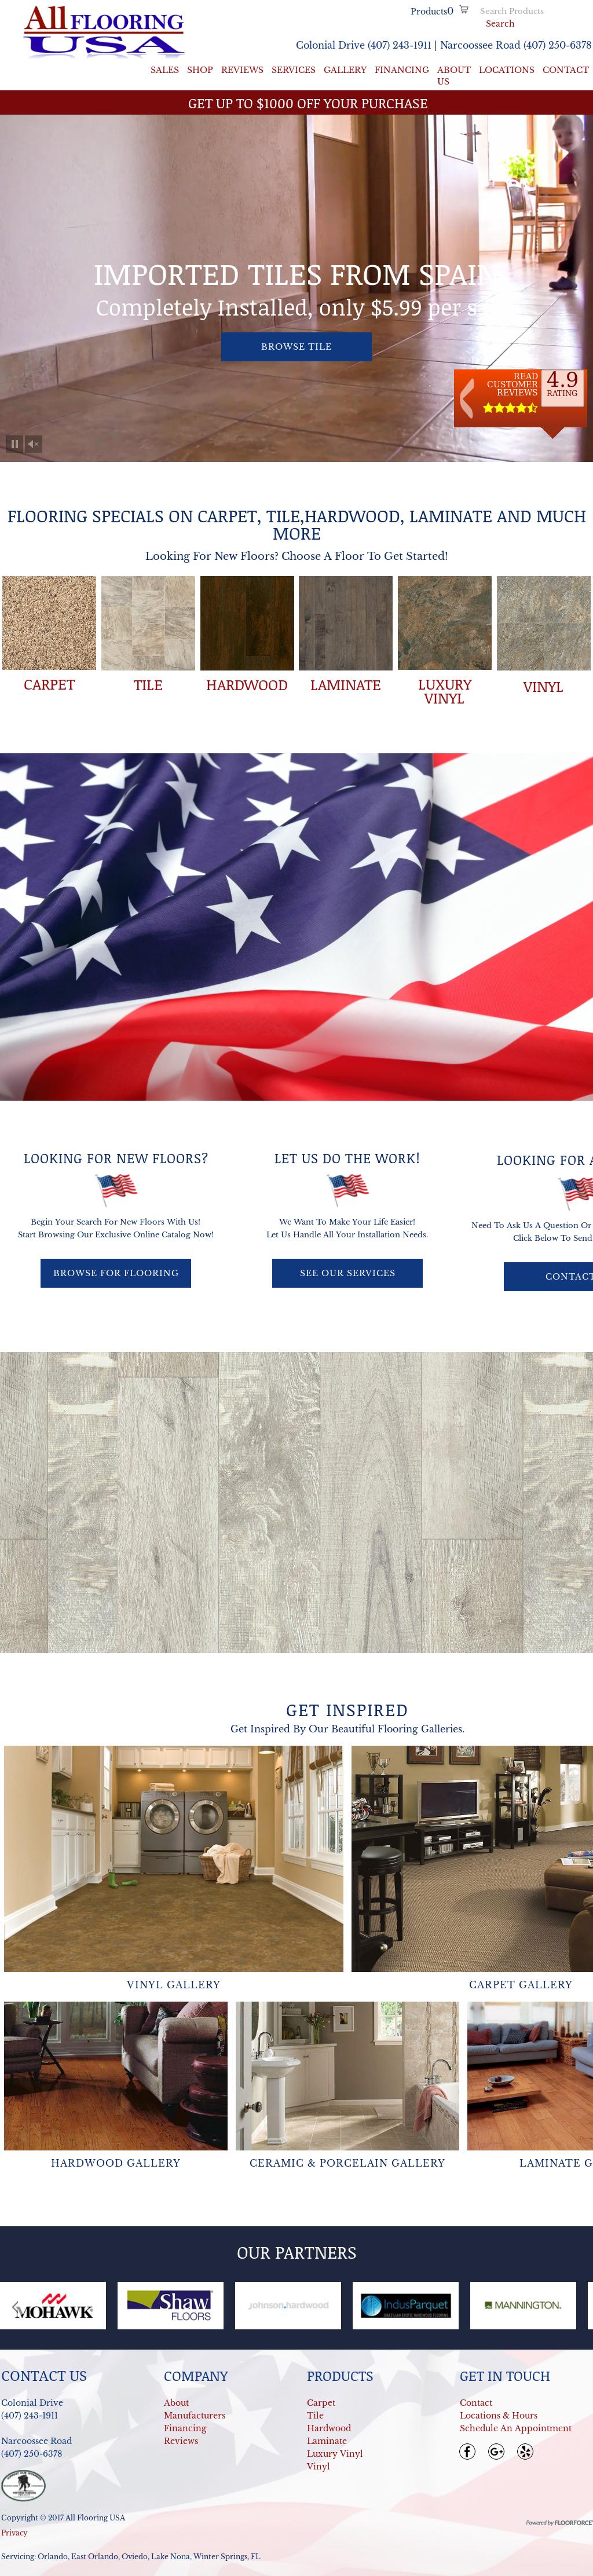 All Flooring Usa Website History